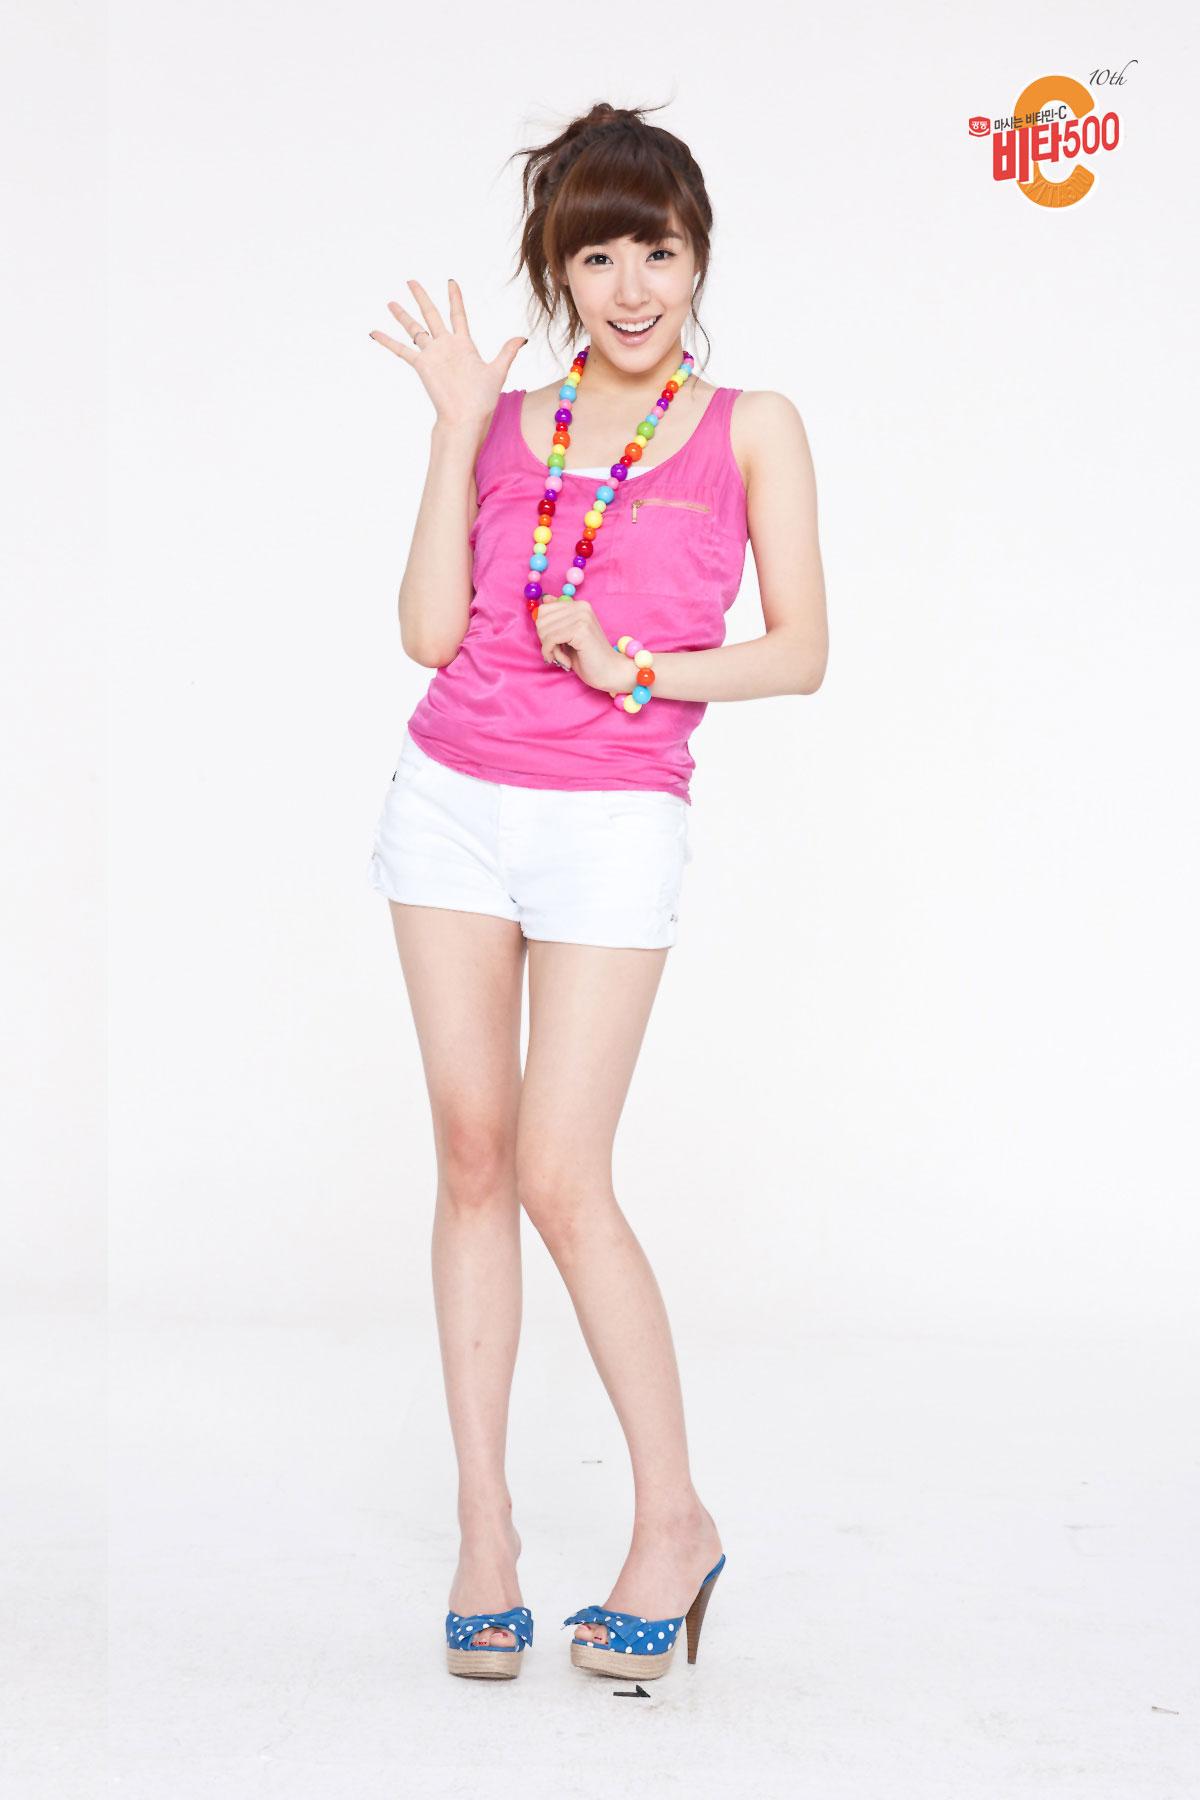 Tiffany Vita500 August 2011 HD